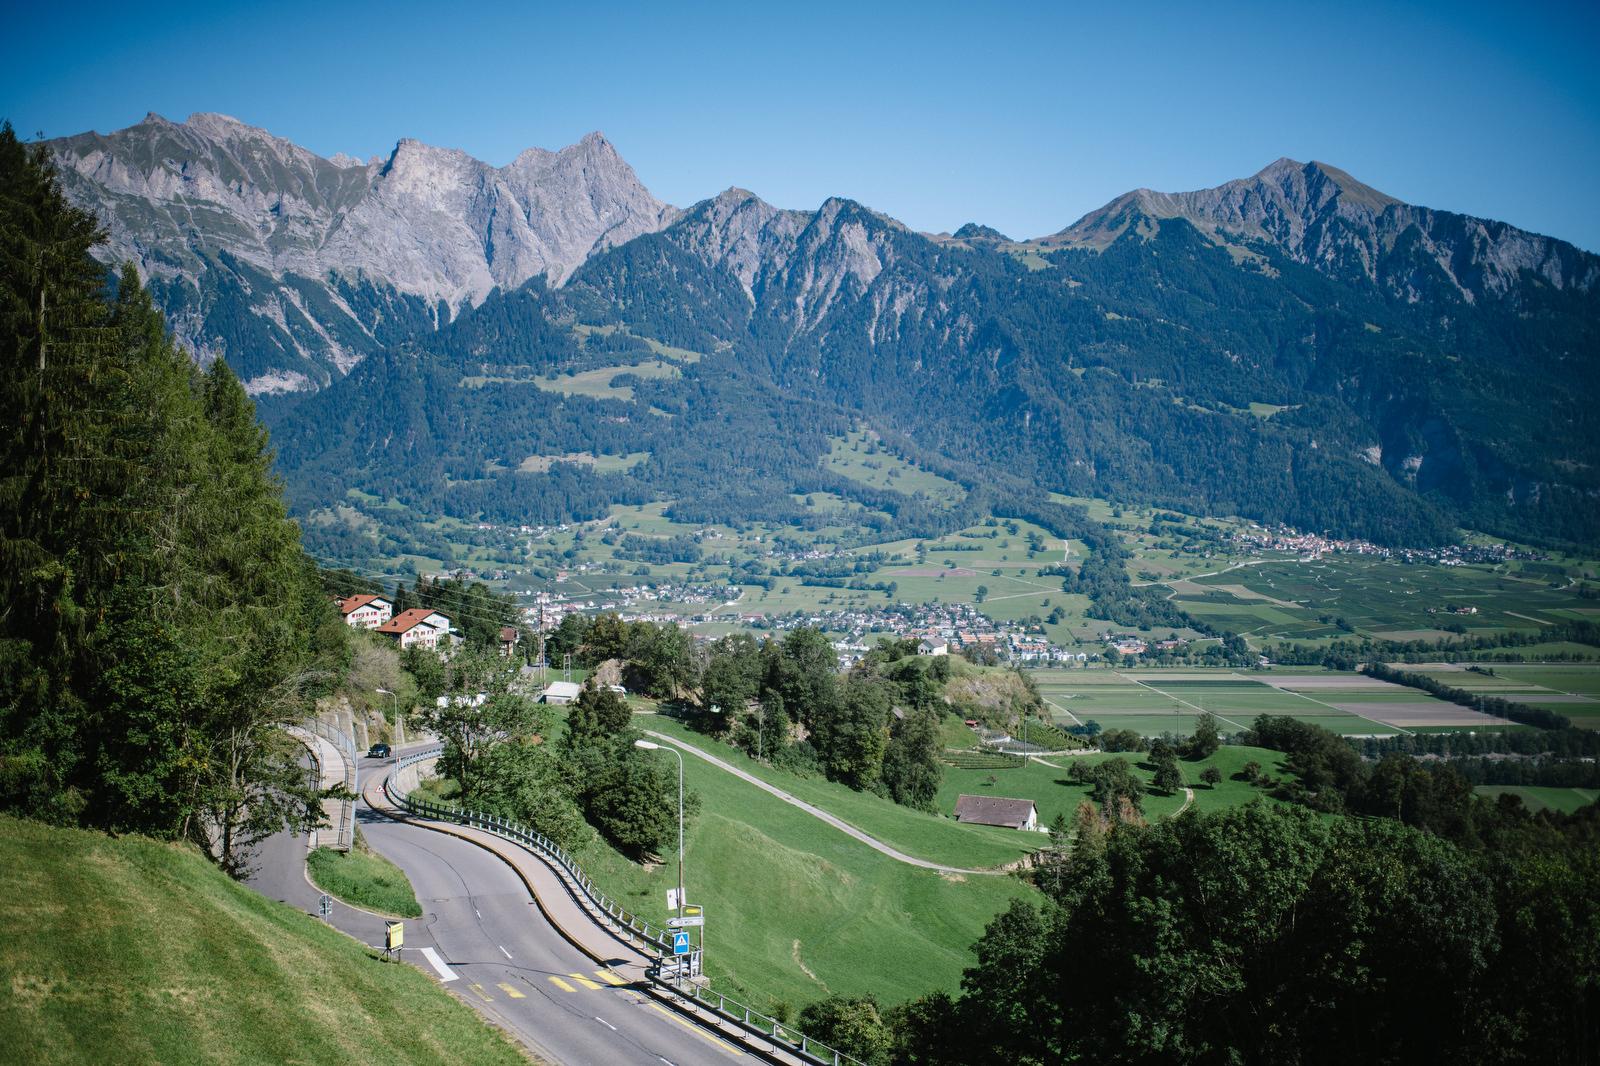 Fotograf Konstanz - Luxus Hochzeit Fotograf Grand Resort Bad Ragaz Schweiz Lichtenstein 045 - Destination wedding at the Grand Resort Bad Ragaz, Swiss  - 133 -